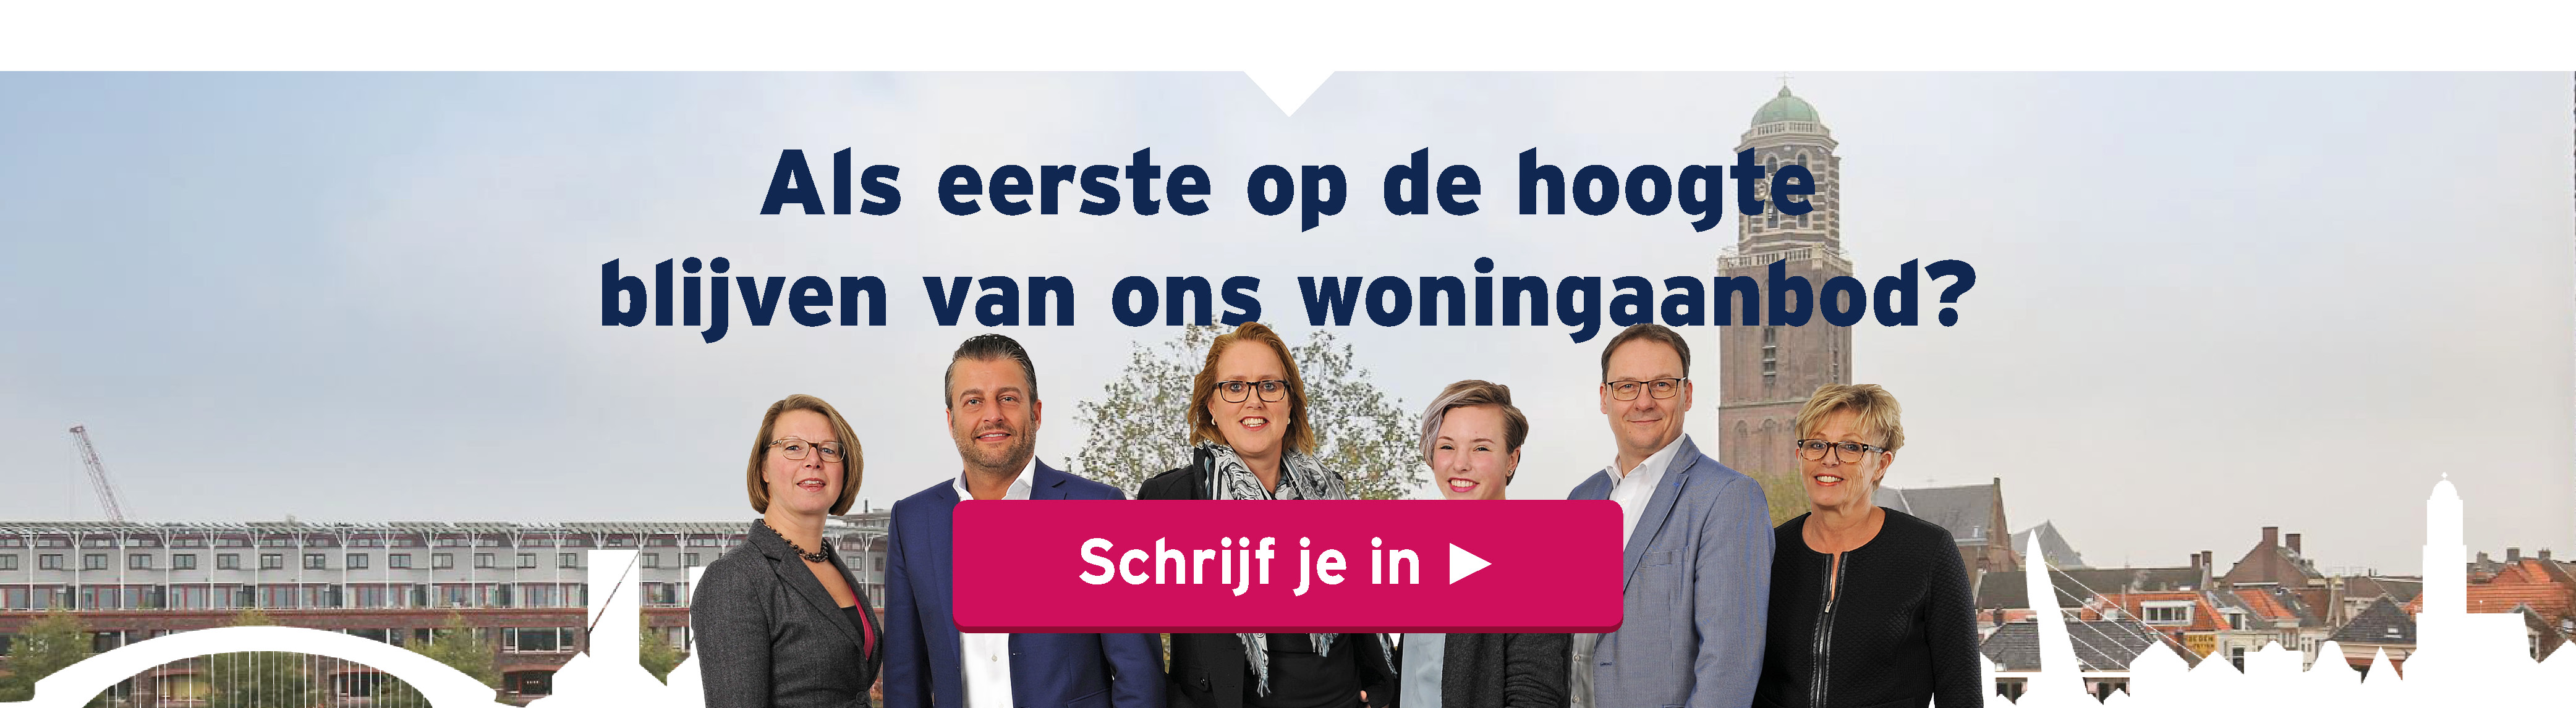 Op zoek naar een nieuwe woning in Zwolle? Schrijf je in voor onze gratis zoekopdracht